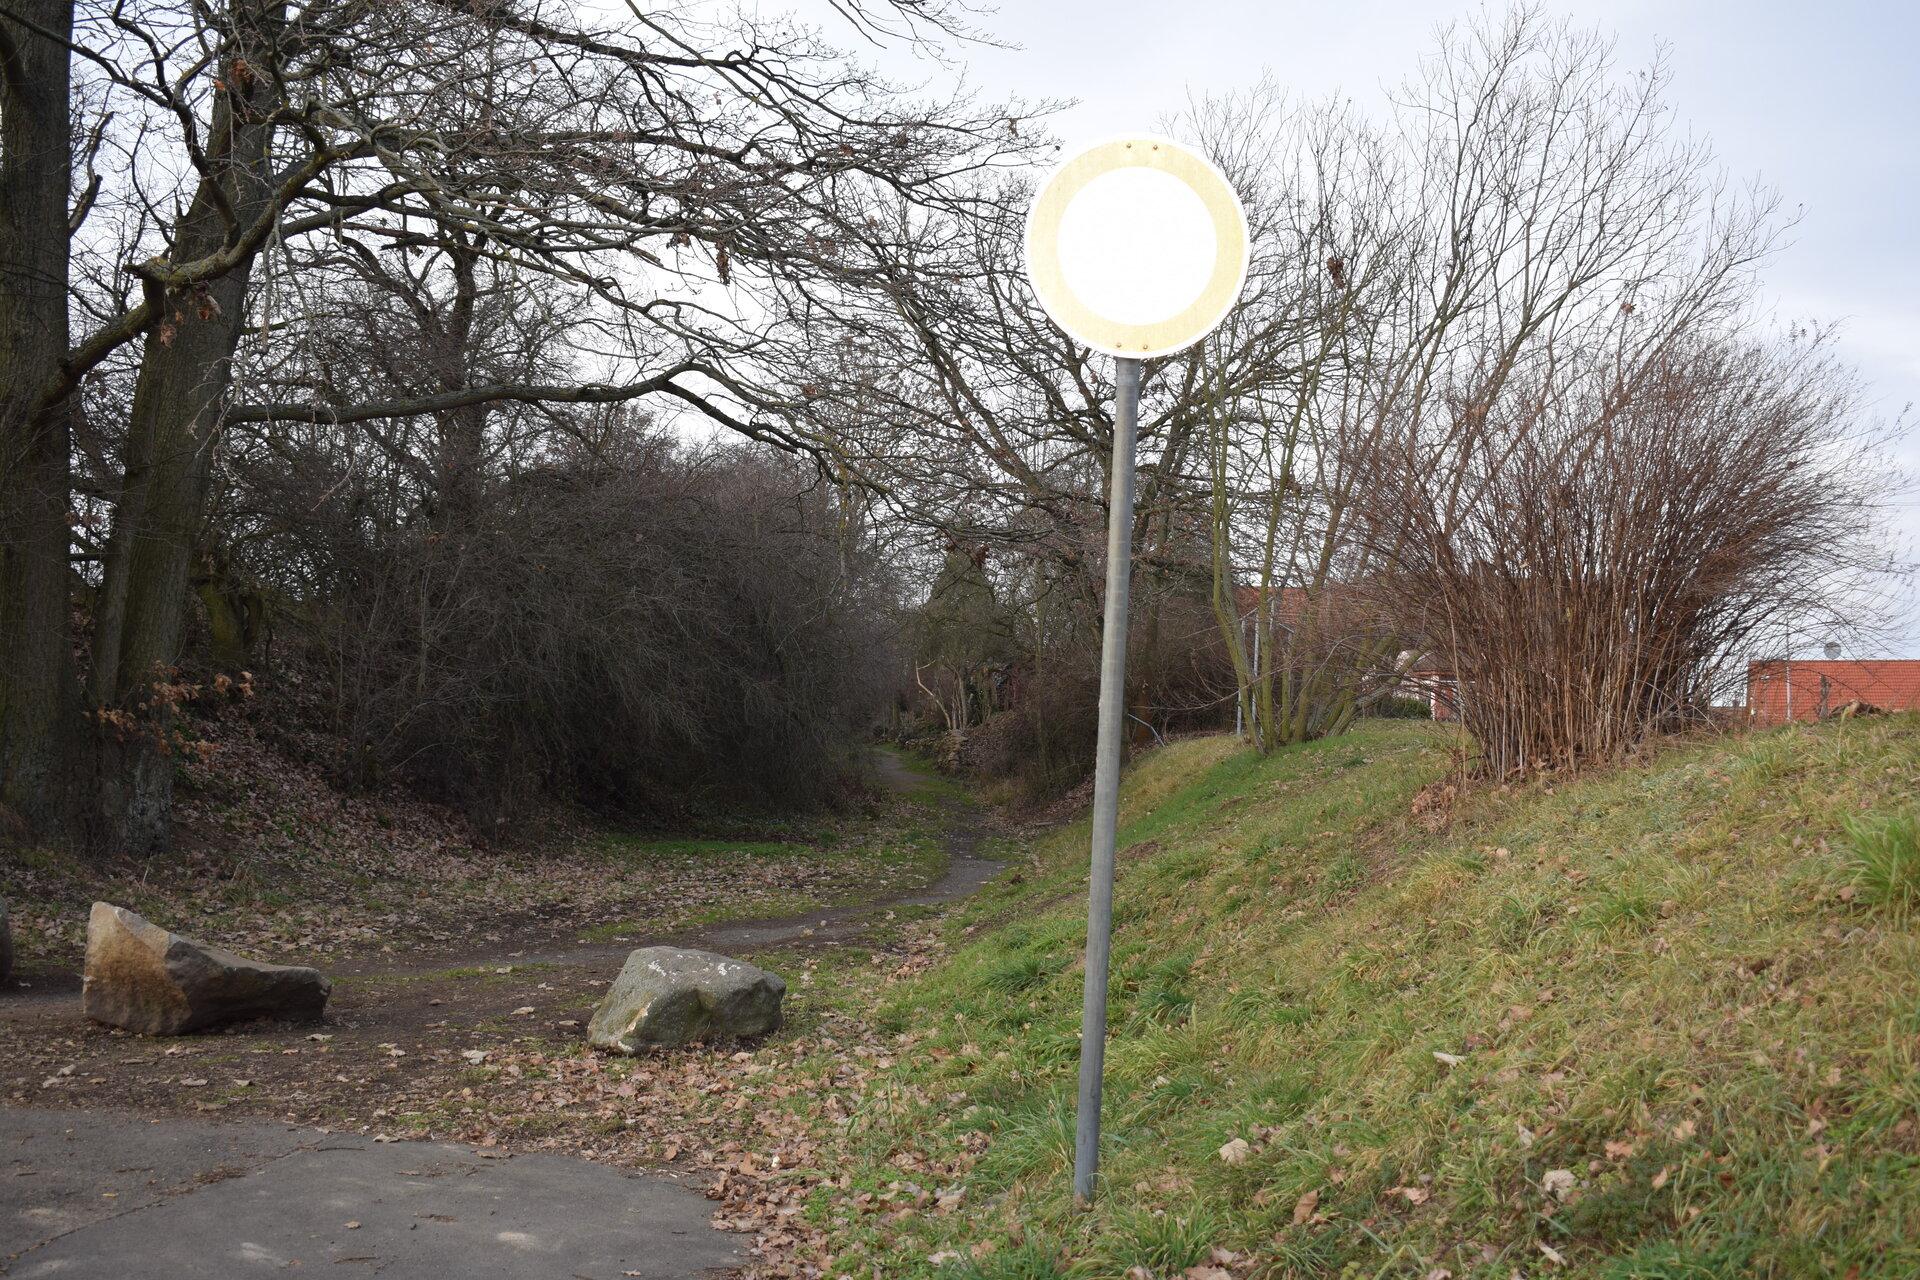 Der Leichenweg führt hinter dem Wohn- und Gewerbegebiet entlang.